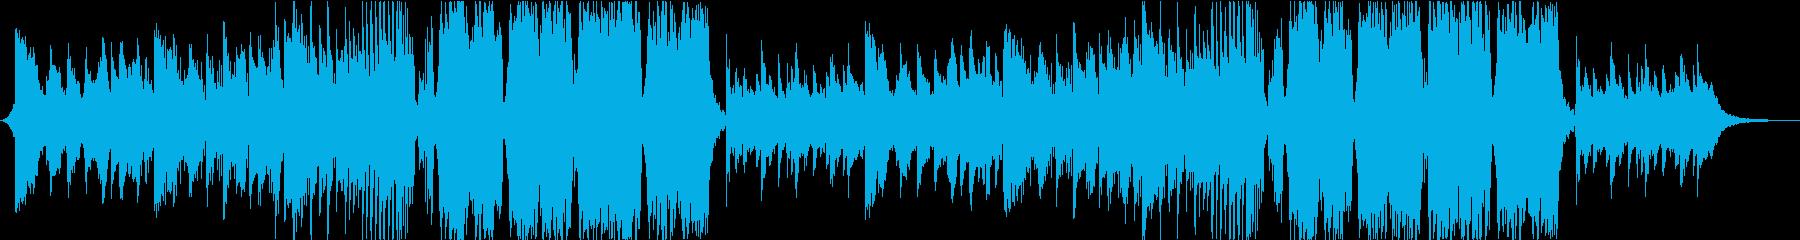 美しい篠笛の和風Future Bassの再生済みの波形